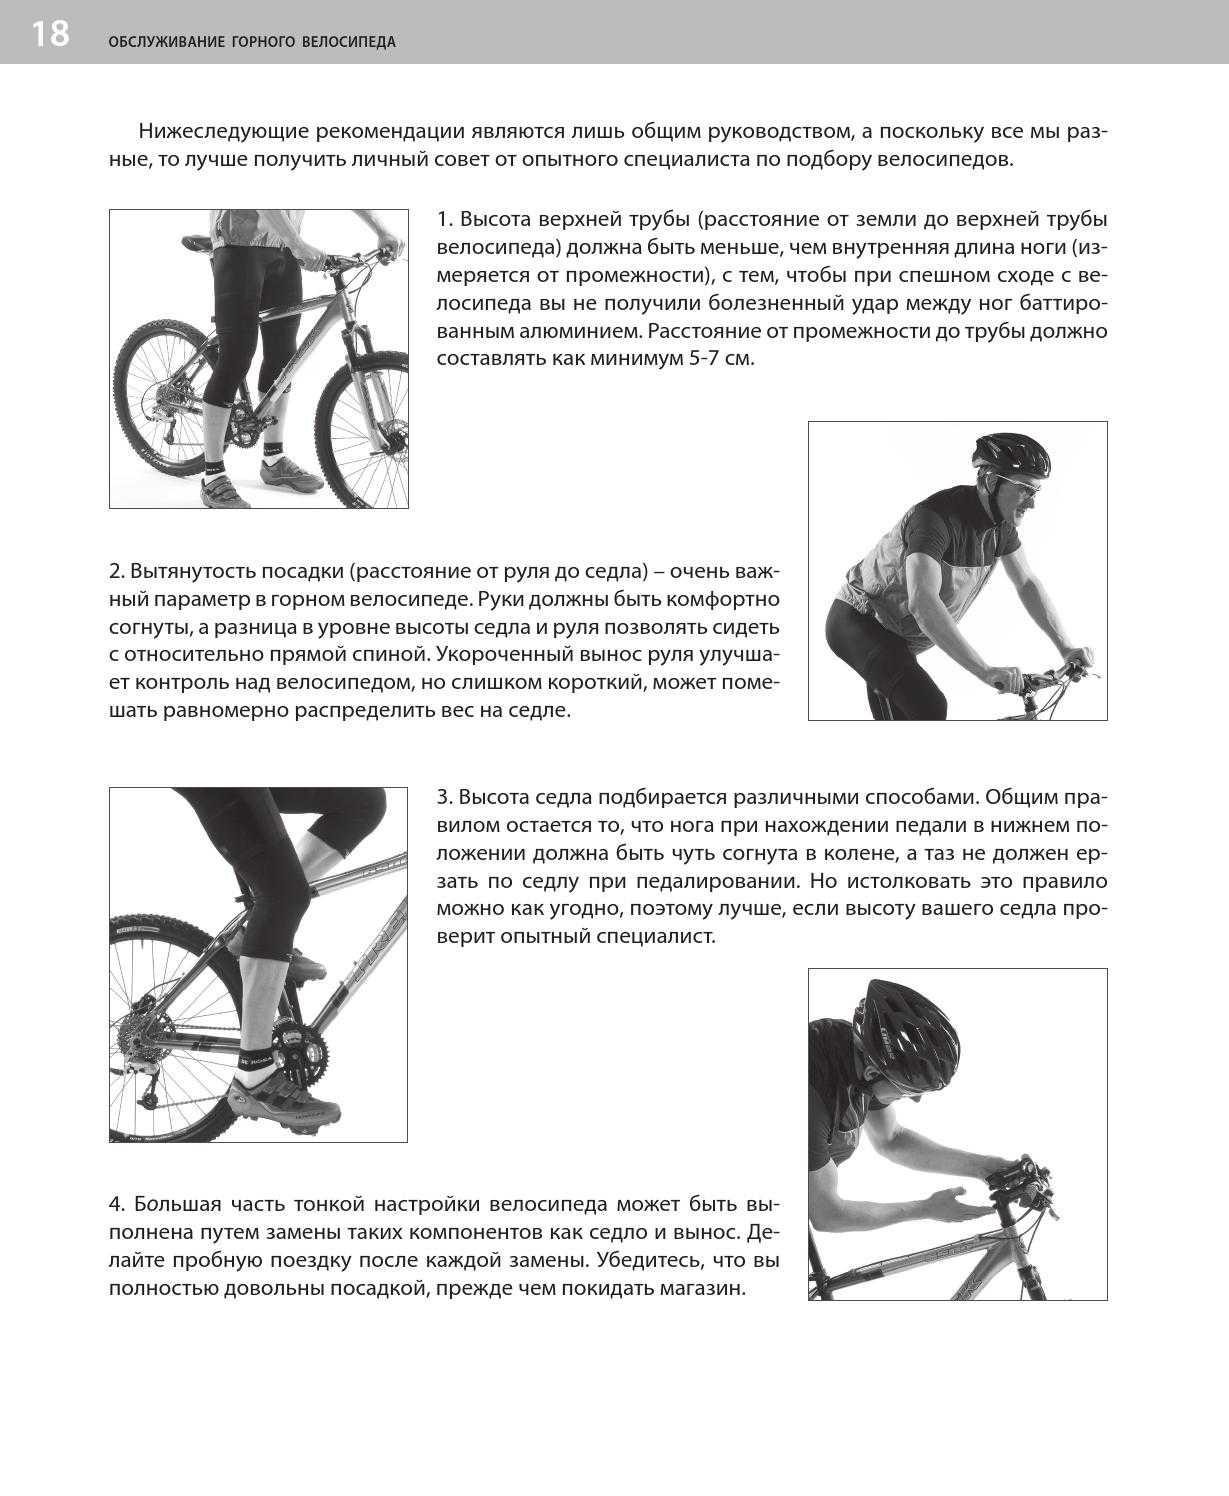 Выбирайте горный велосипед правильно Полагайтесь на советы которые даются в нашей статье Информация очень полезна для покупки велосипеда